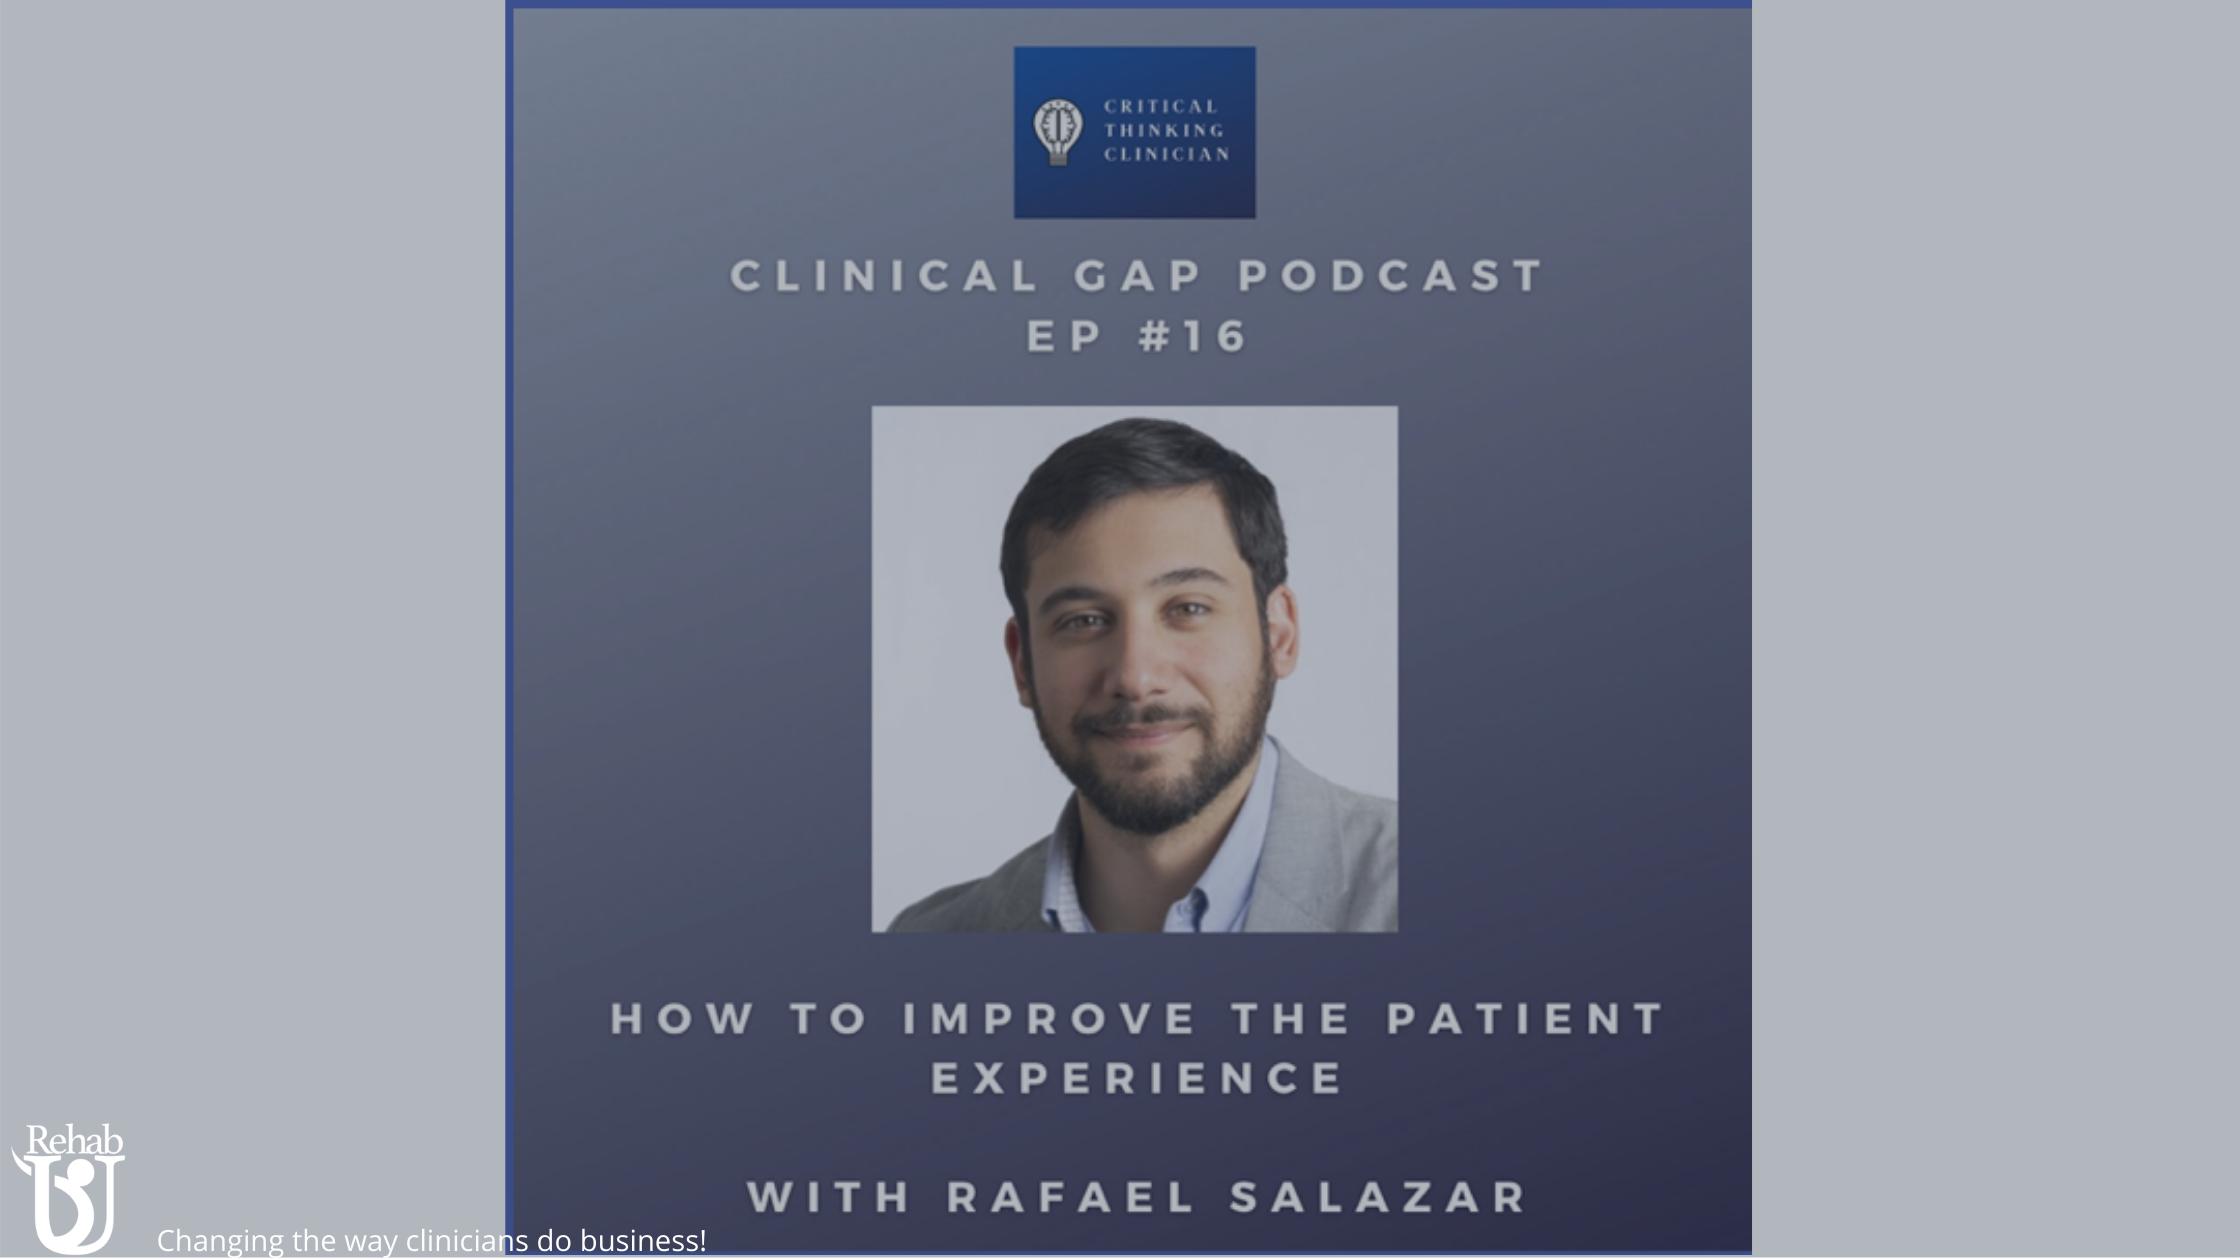 Clinical Gap